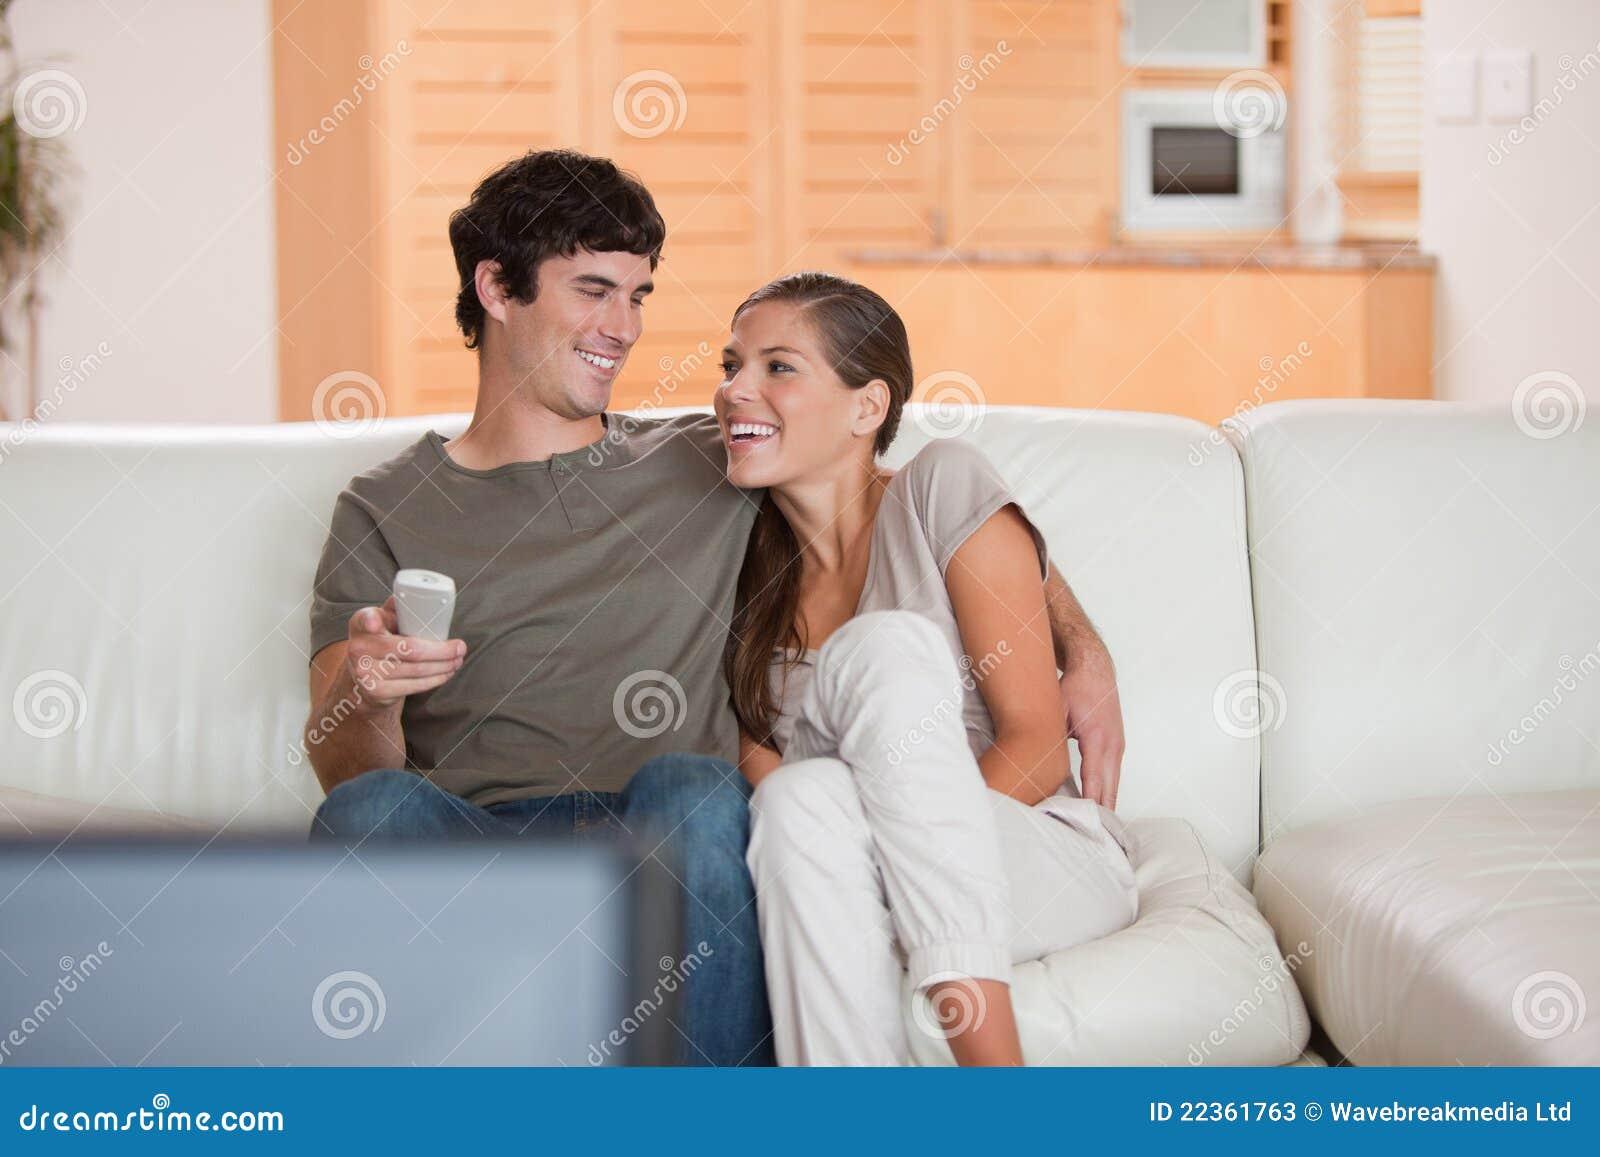 Lachende Paare, die zusammen lustigen Film überwachen